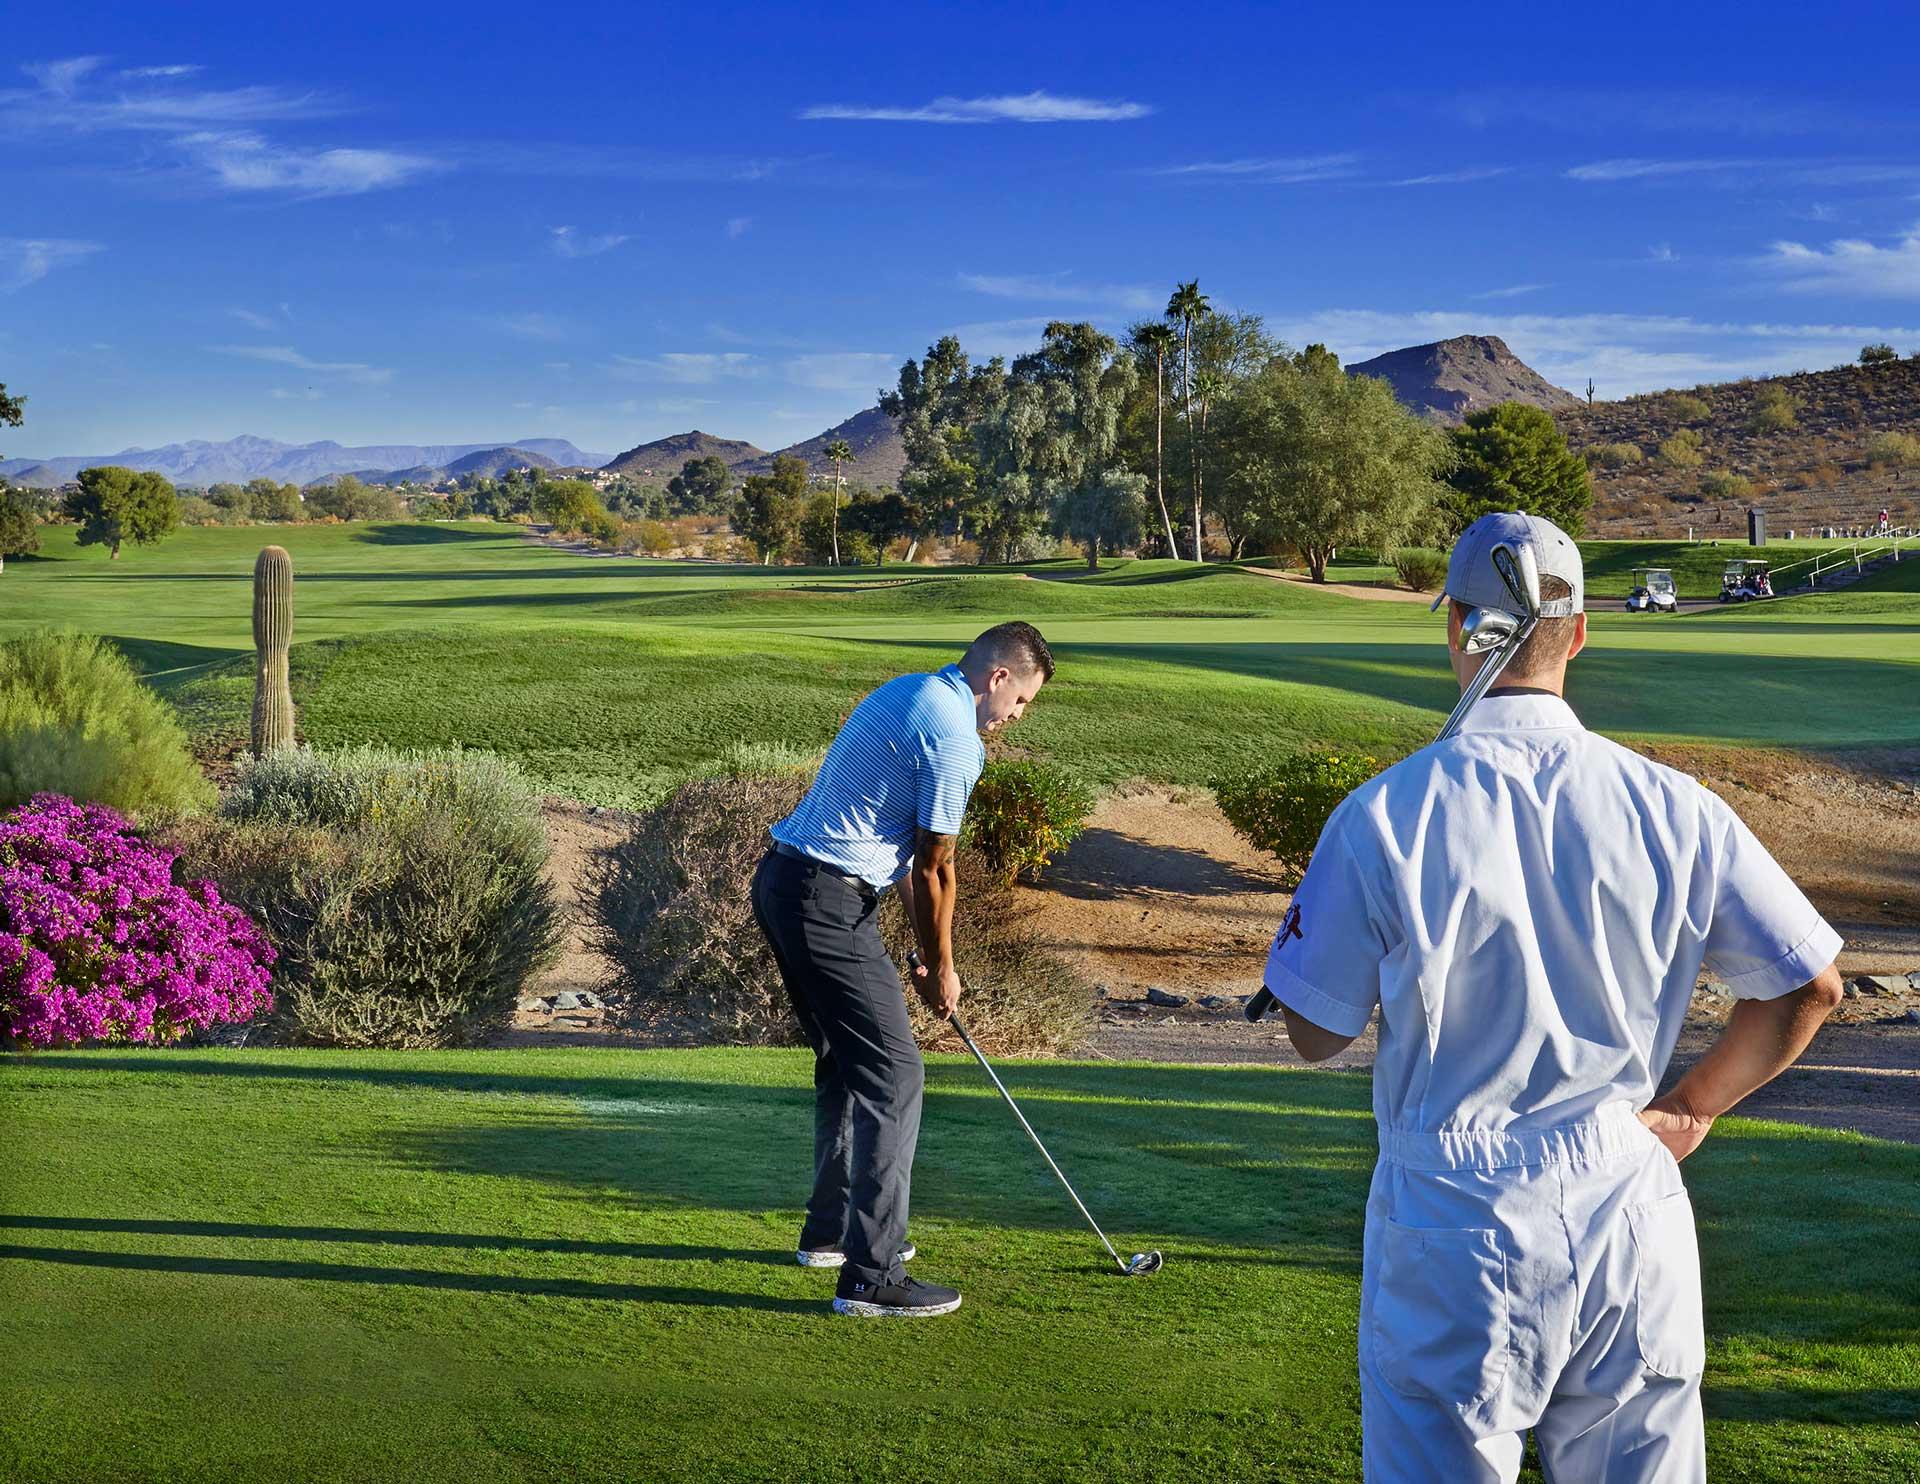 Golfer and caddie on fairway teeing off